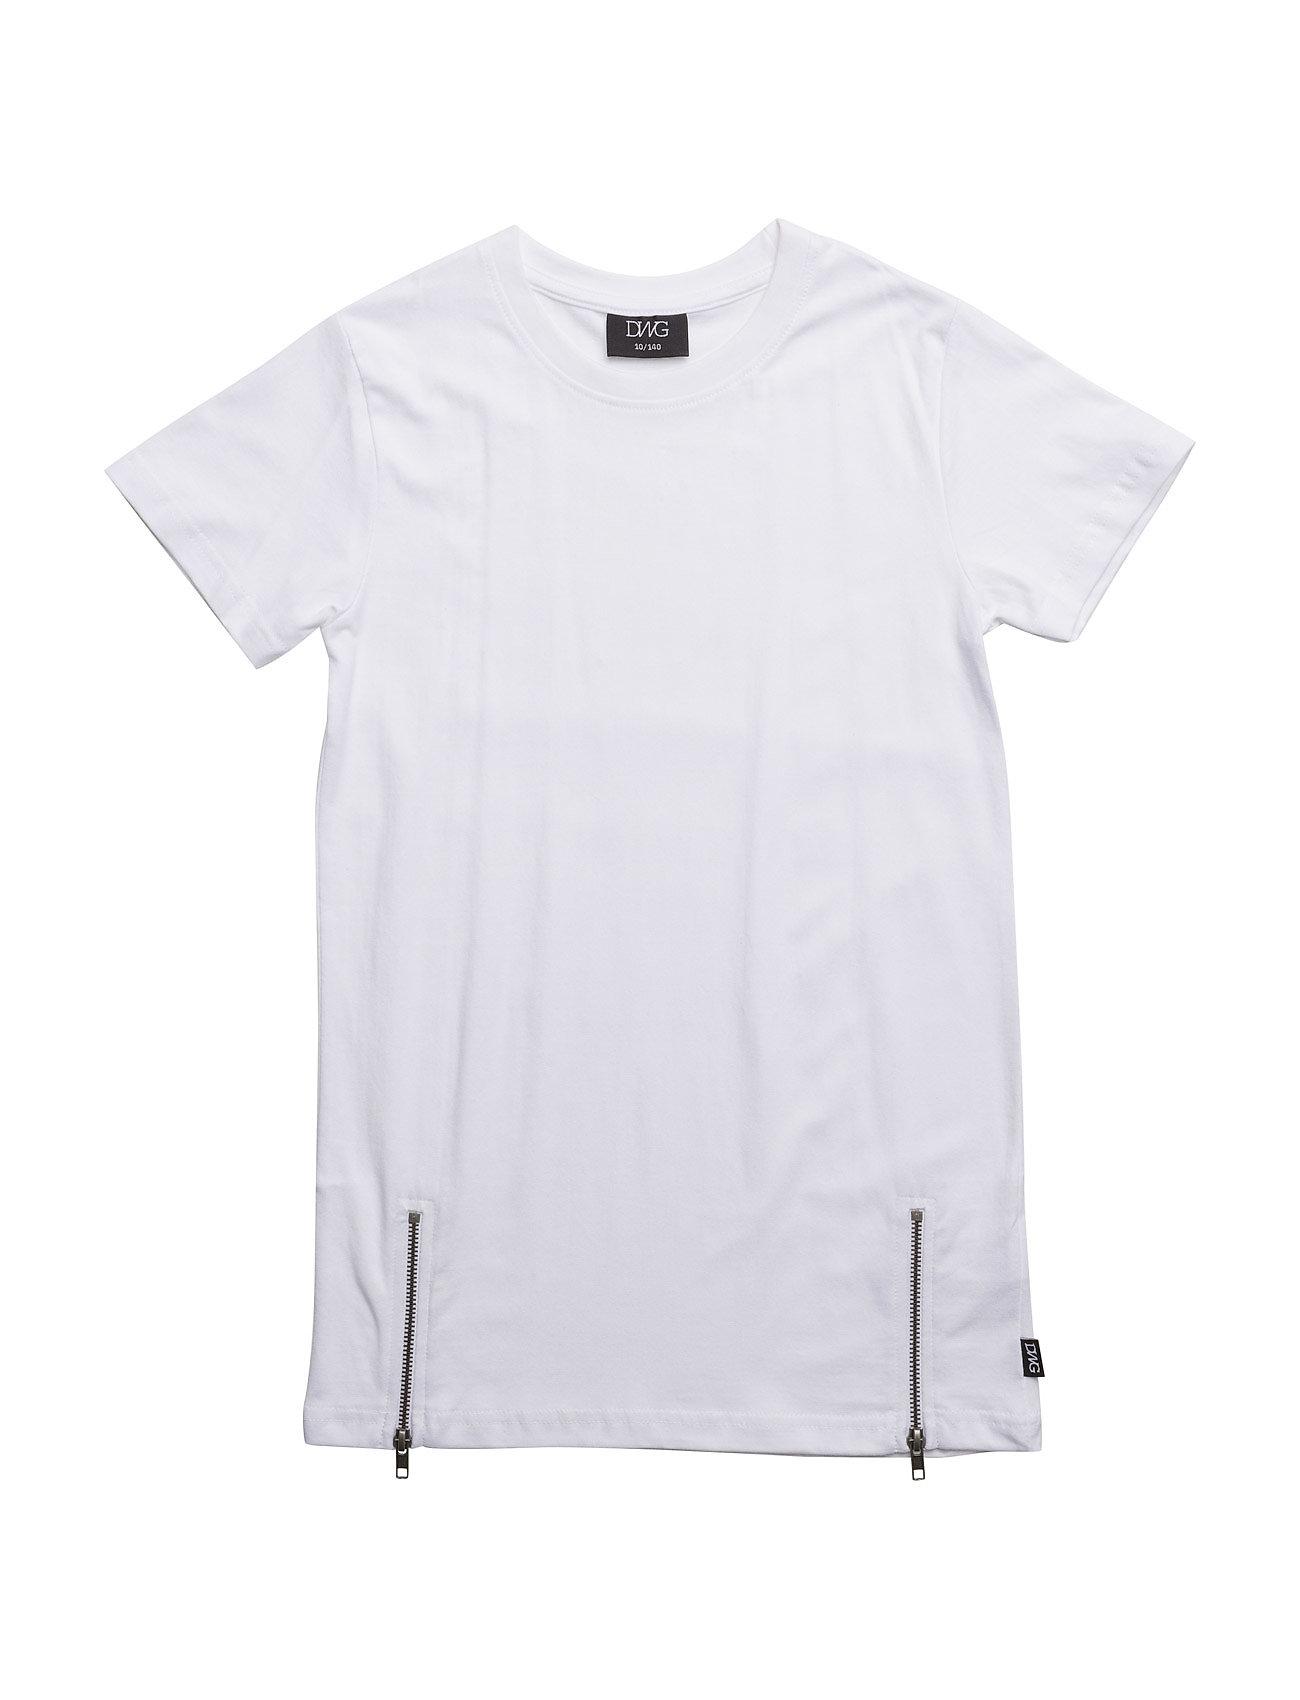 Lasse 245 D-xel Kortærmede t-shirts til Børn i hvid